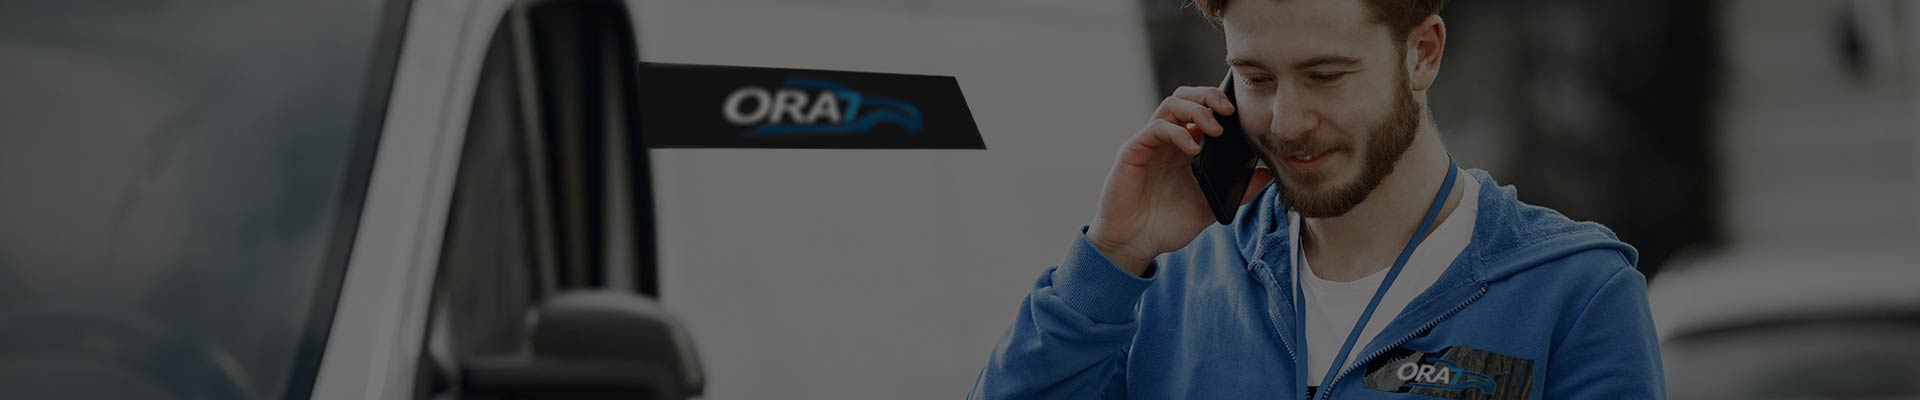 Le service de livraison pour votre voiture par ORA7